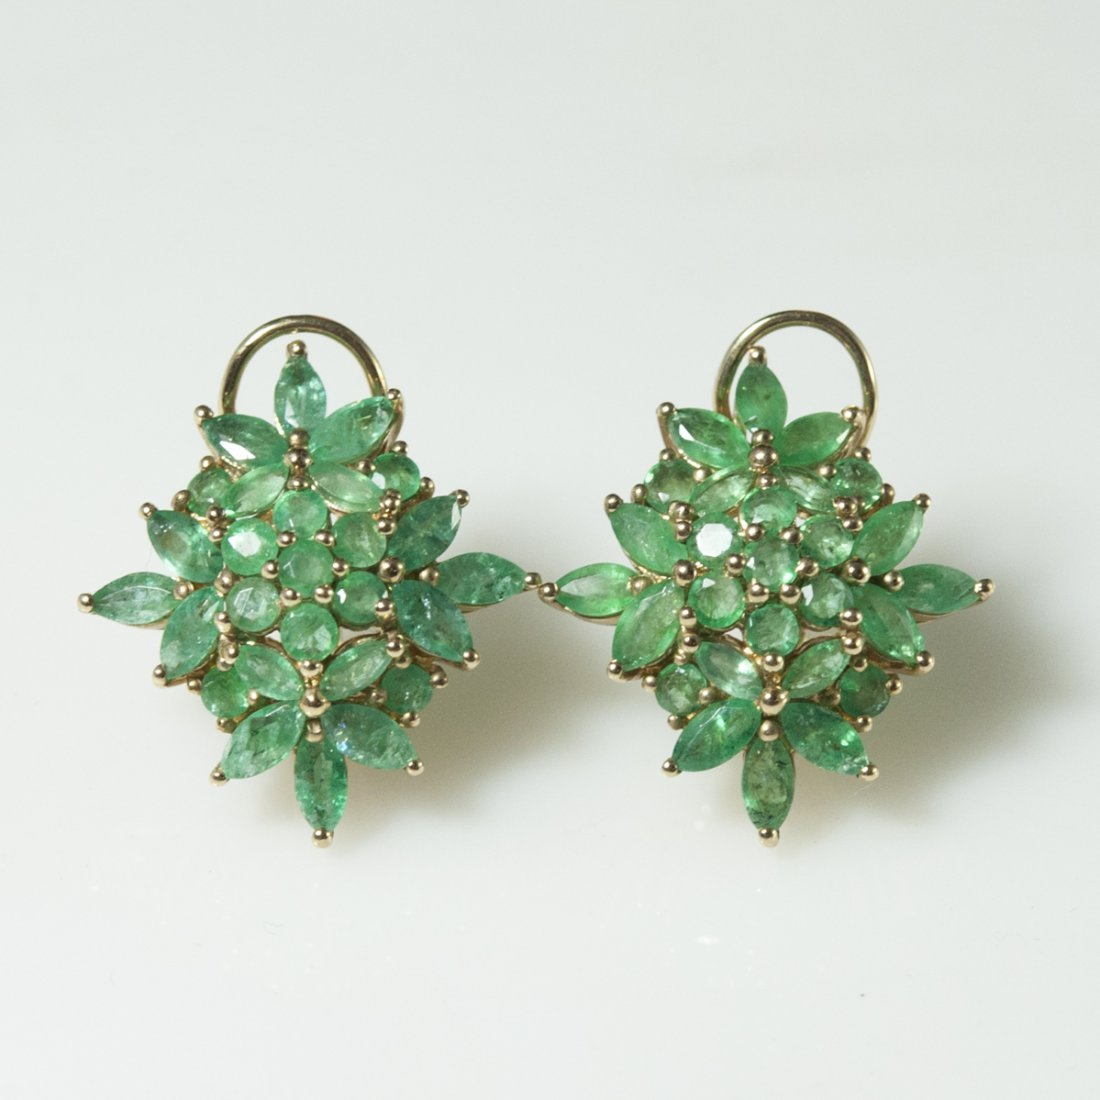 10kt Gold & Emerald Earrings